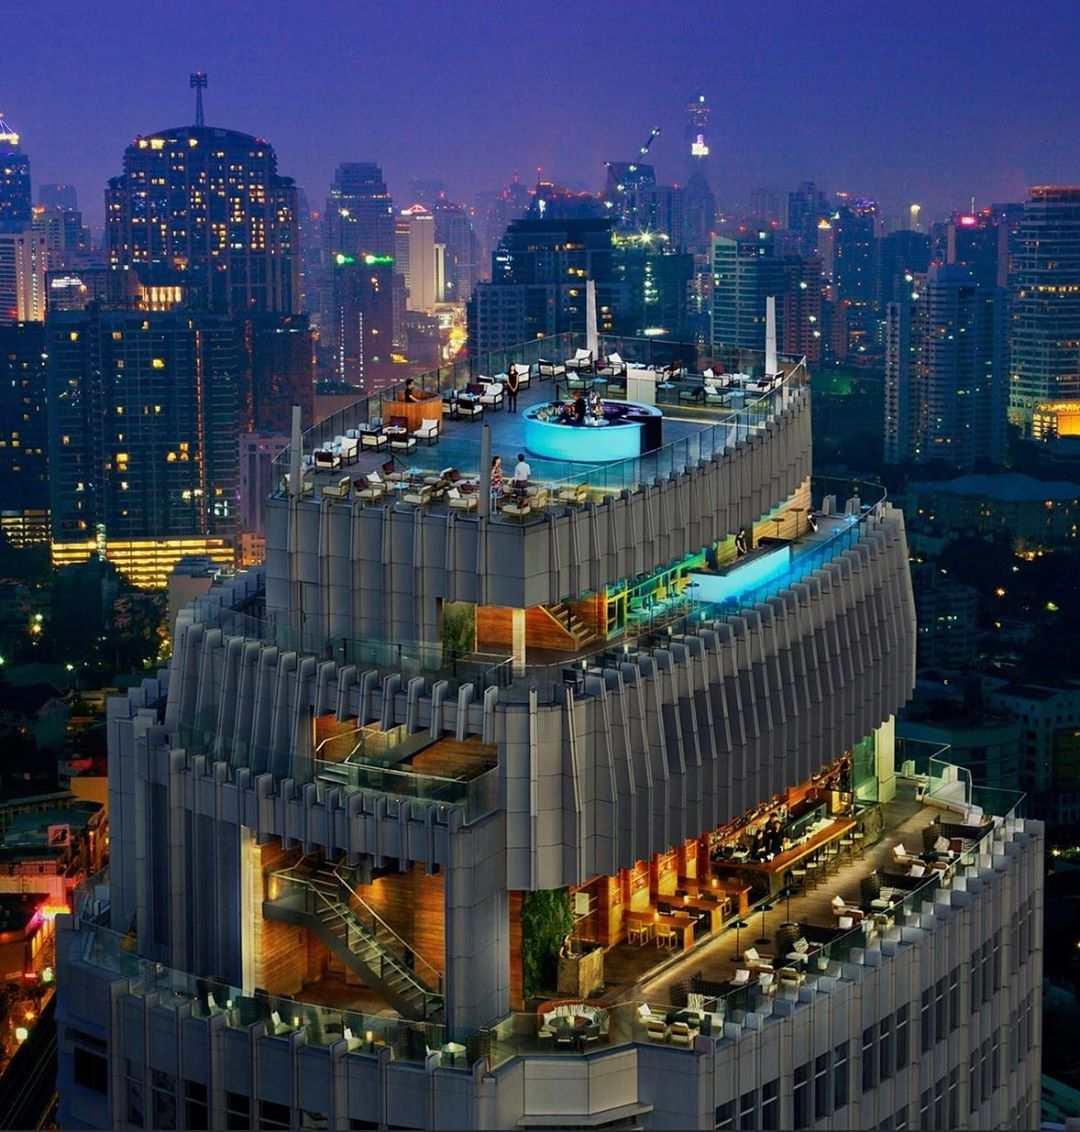 Uitzicht op Octave Rooftop Bar & Lounge van de Marriott in Bangkok